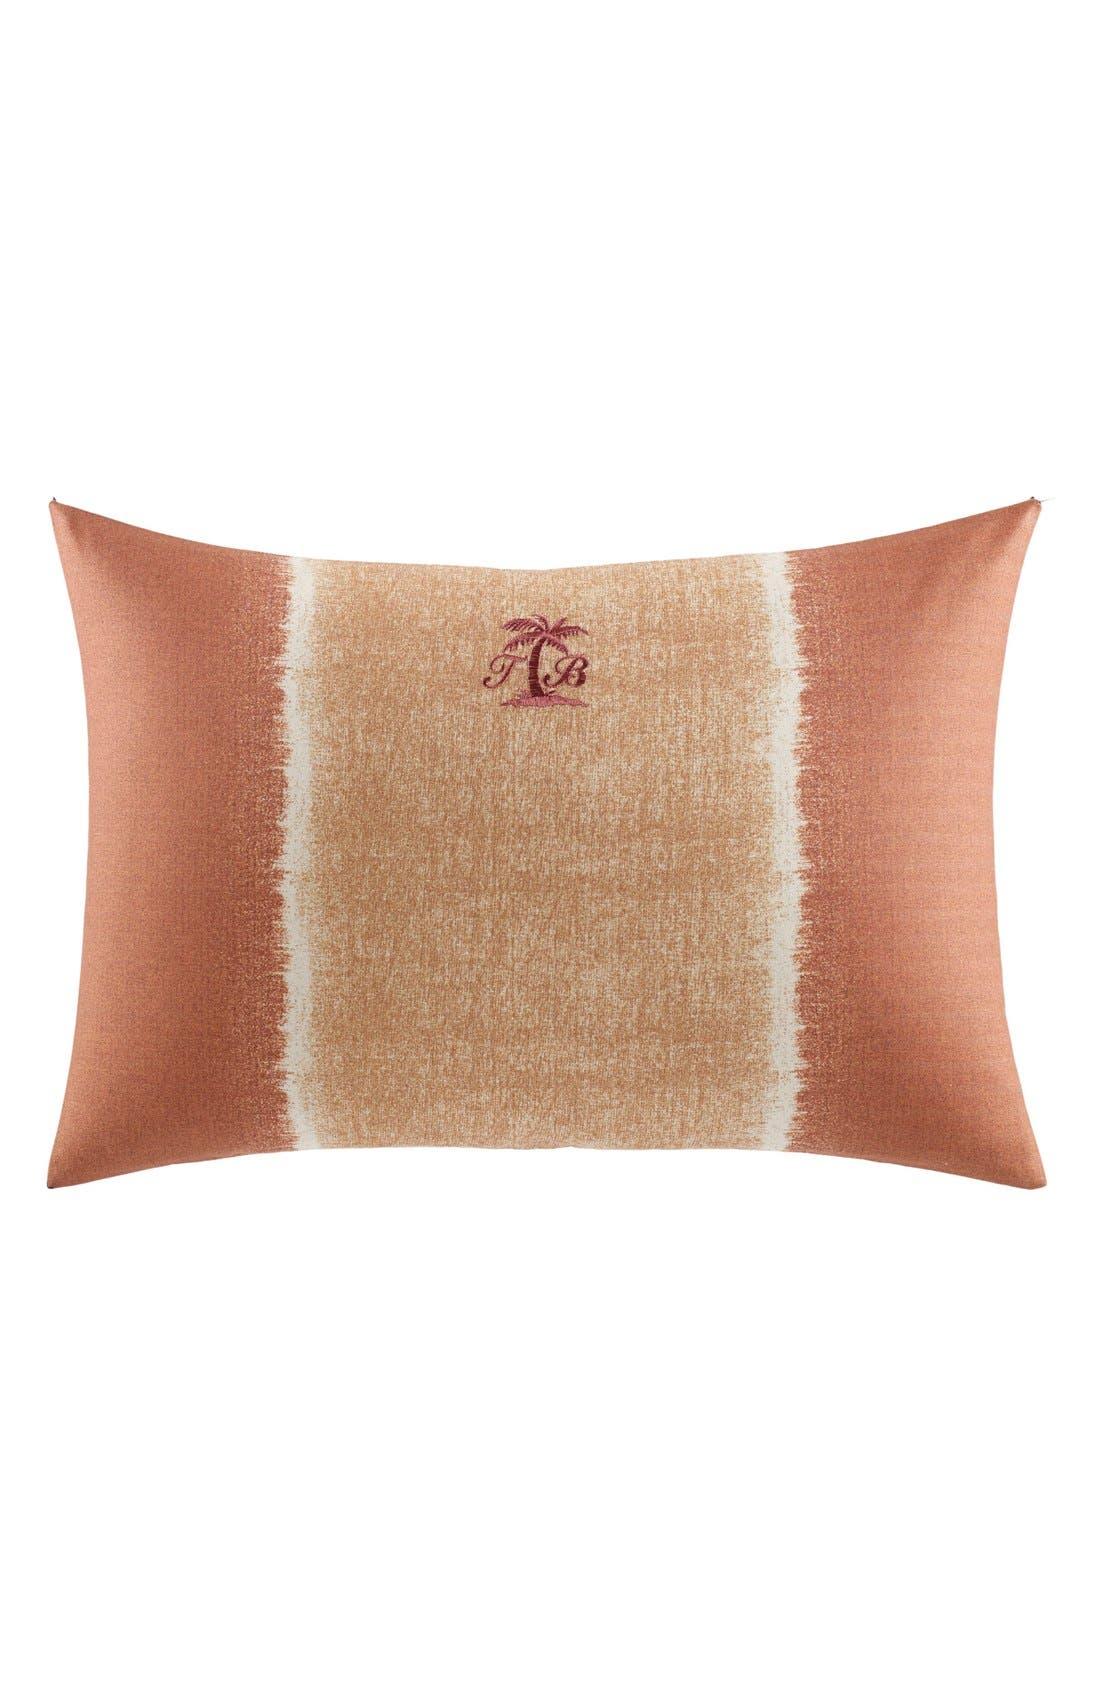 Tommy Bahama Cayo Coco Ikat Pillow